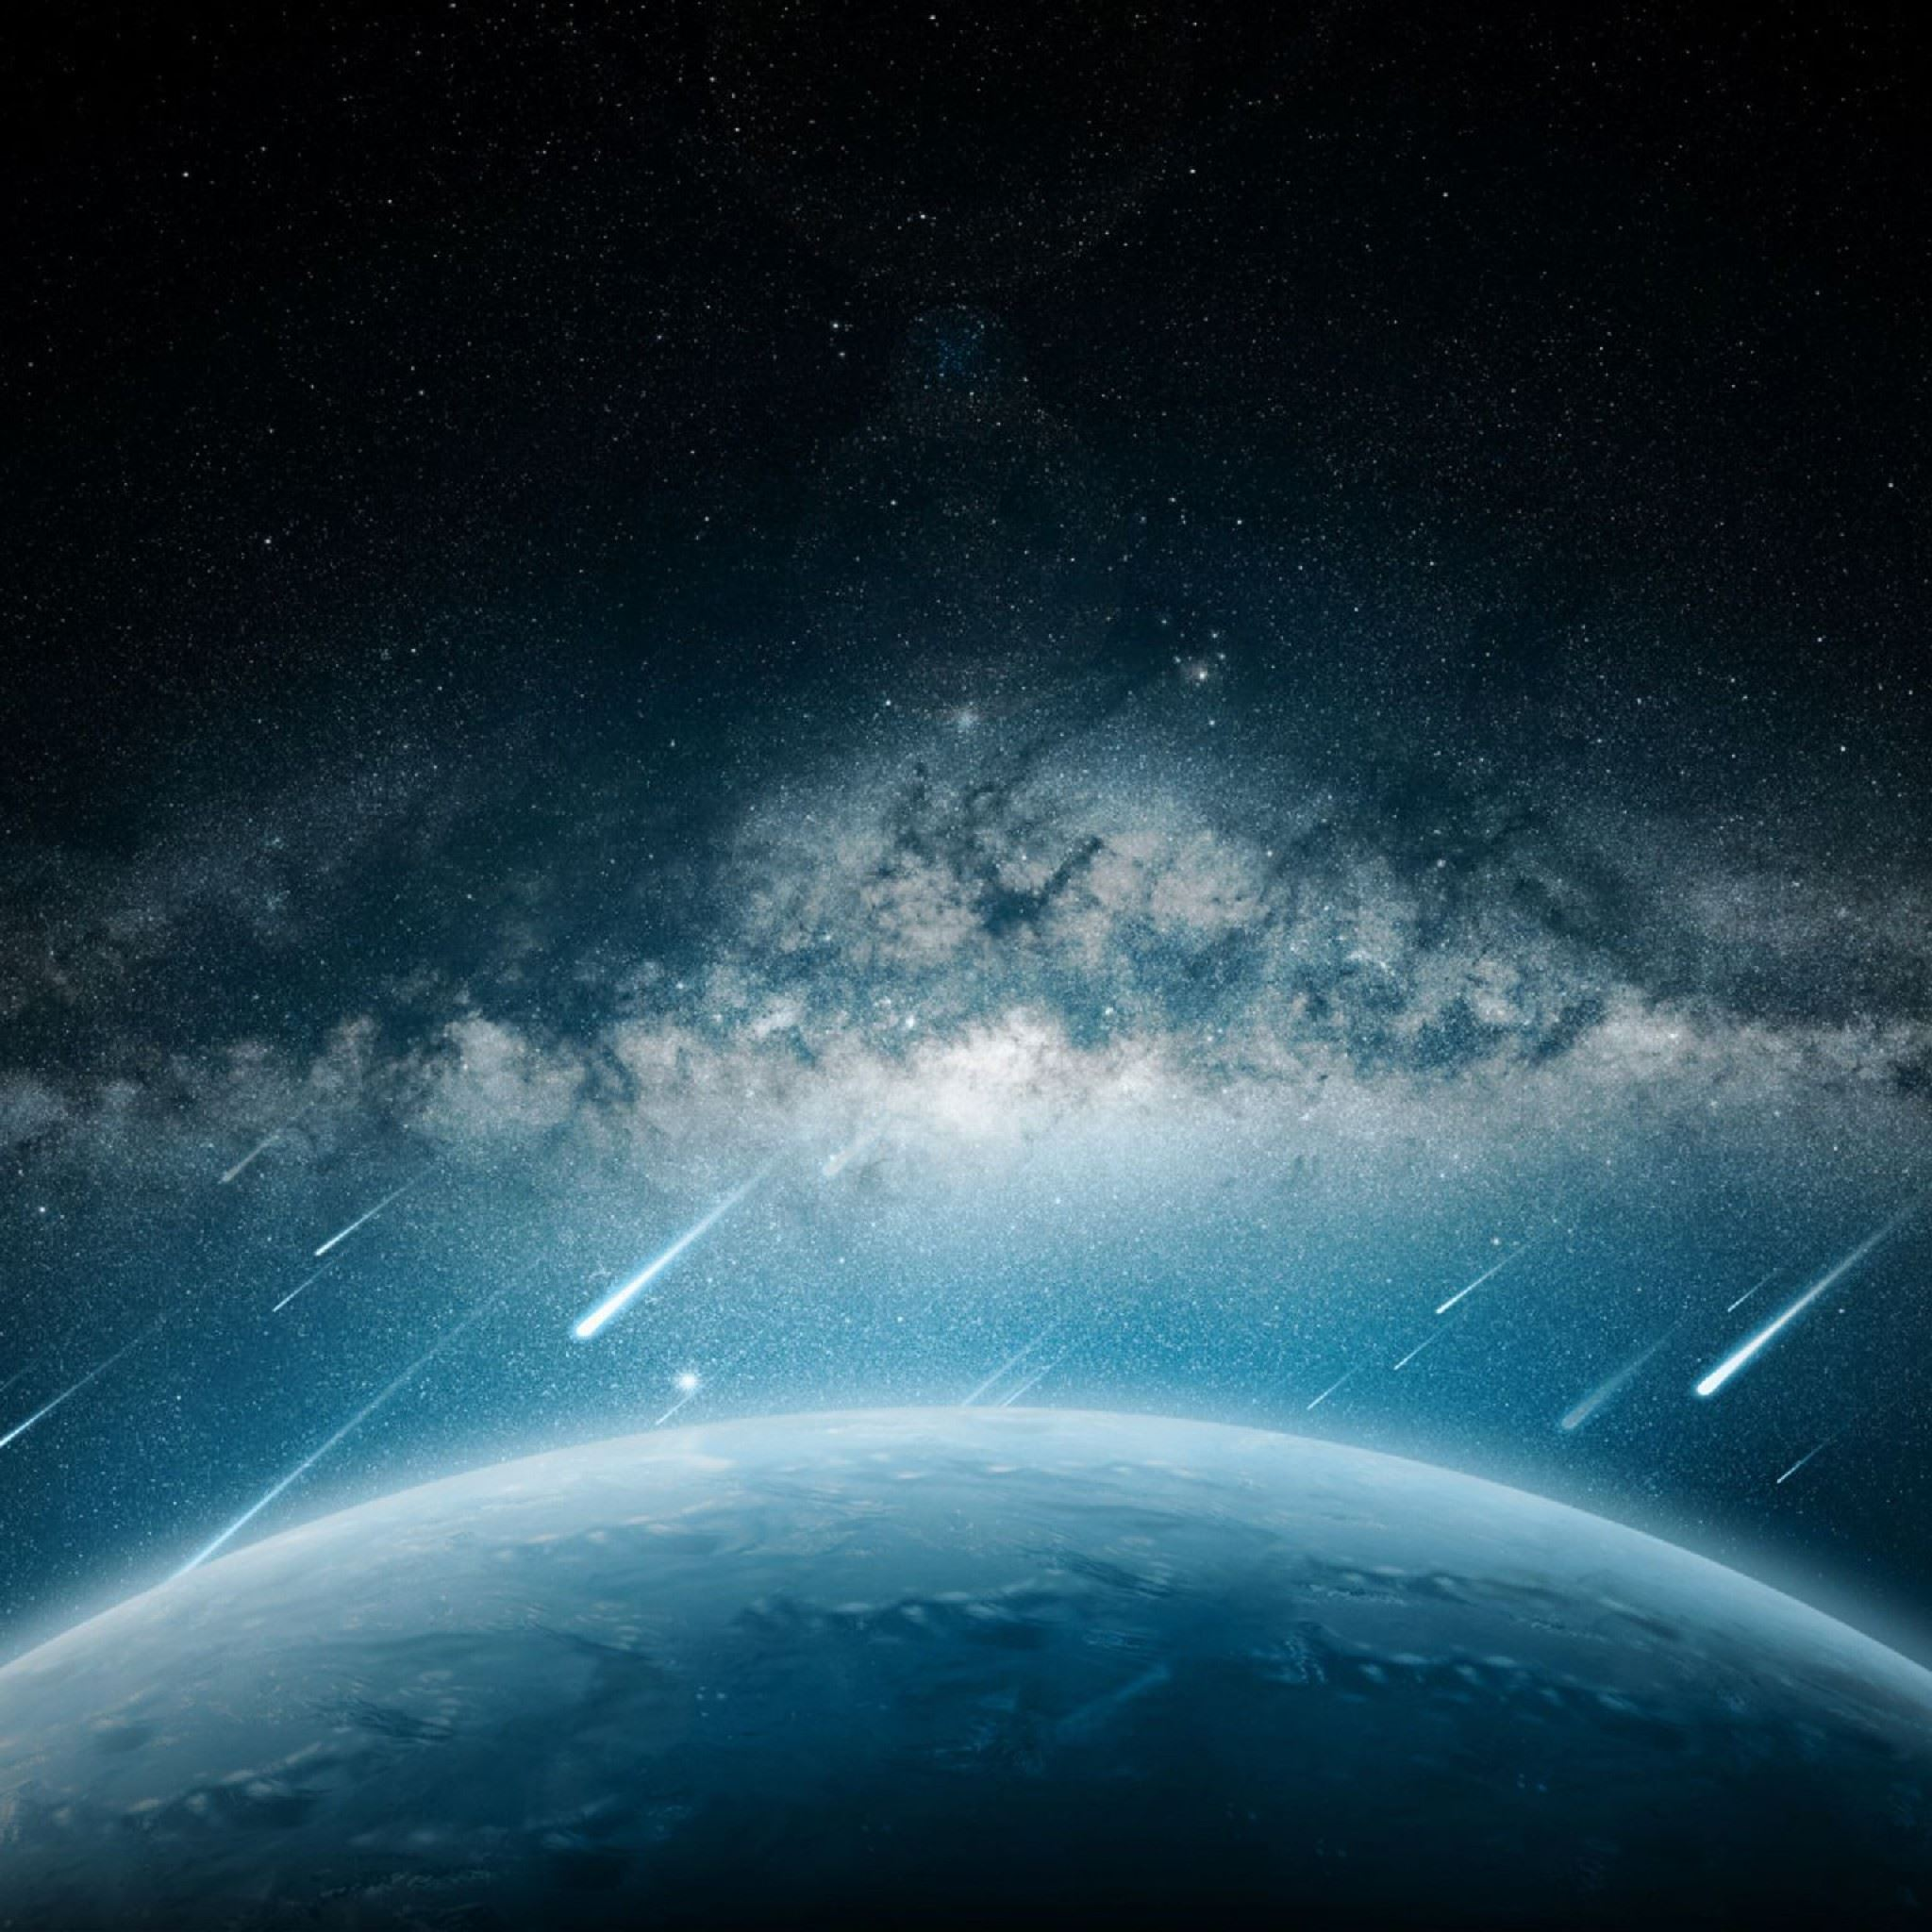 Space Meteorite Planet Rain iPad Air Wallpaper Download ...